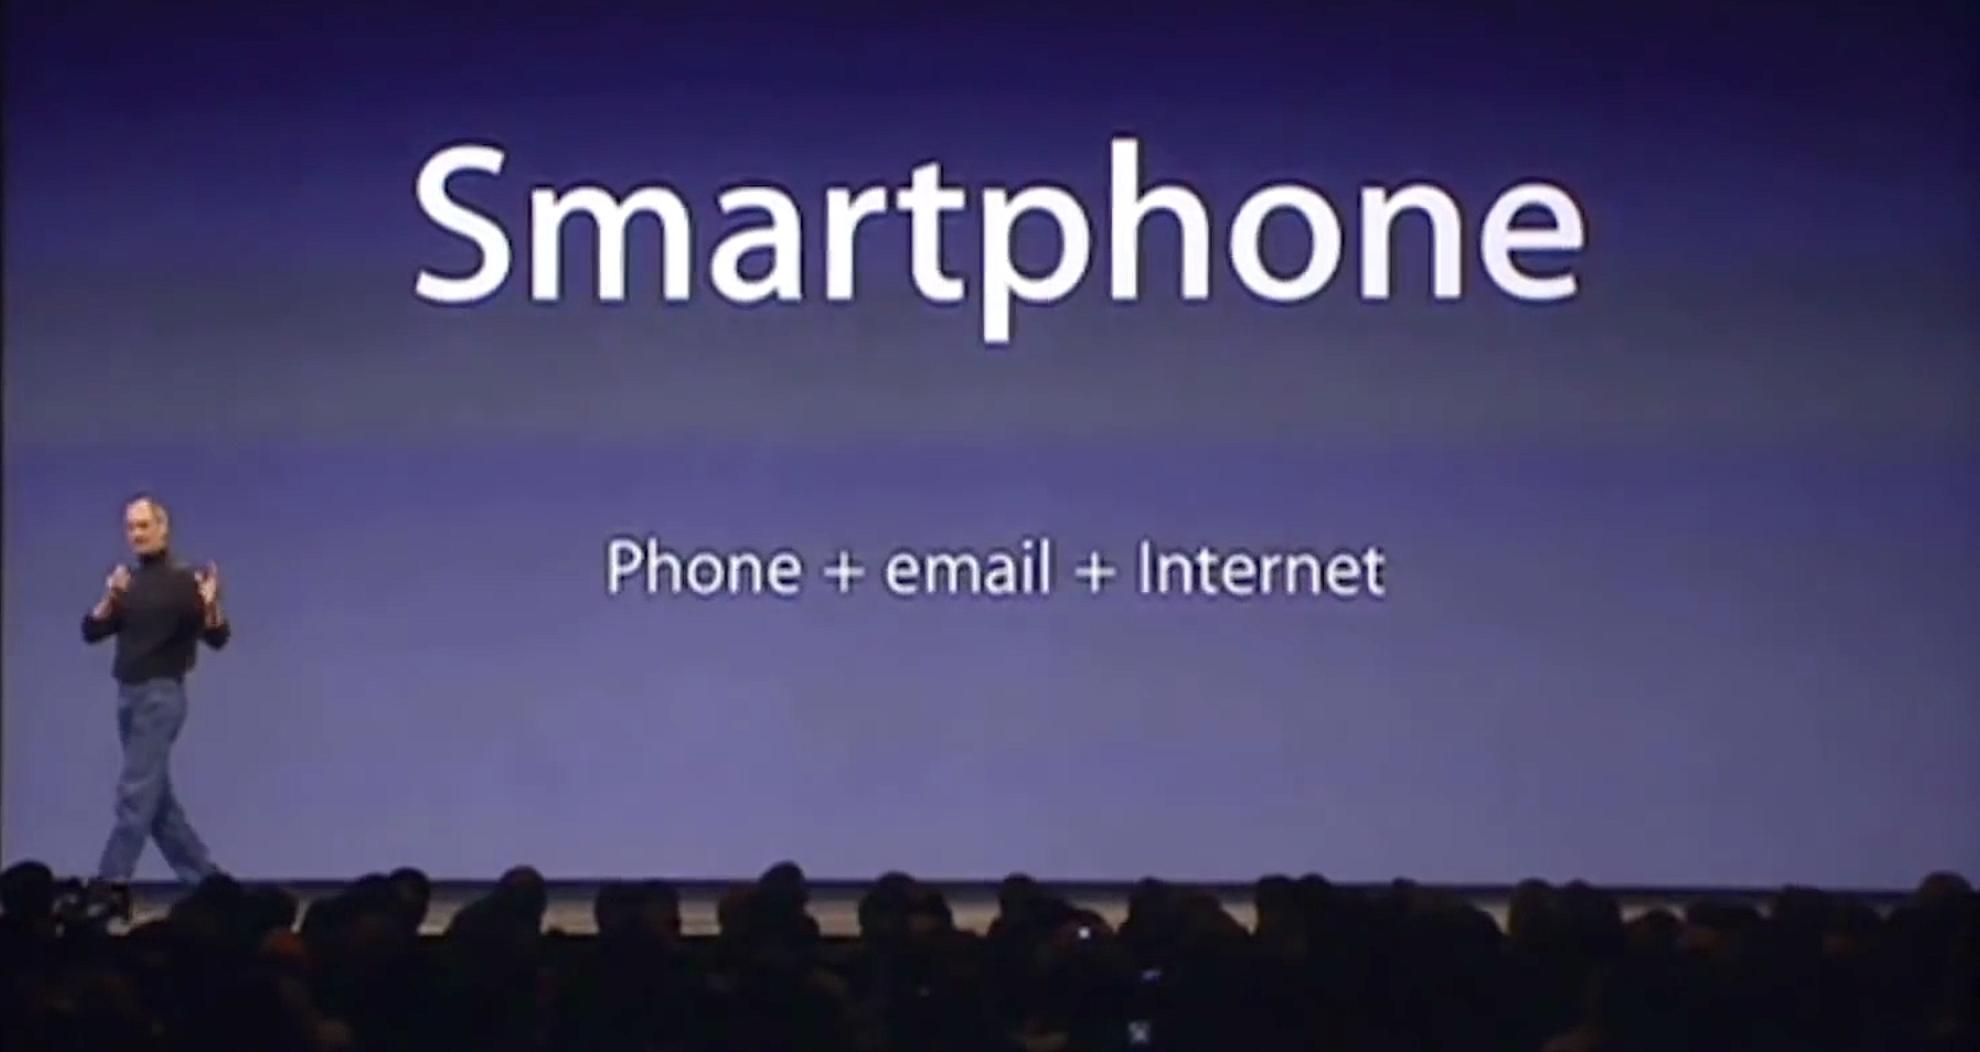 Auf der MacExpo am 9. Januar 2007 stellte Apple-Gründer und damalige Chef Steve Jobs das erste iPhone vor. Es sollte unsere Kommunikation revolutionieren. Doch Jobs musste erst einmal erklären, was ein iPhone überhaupt ist.